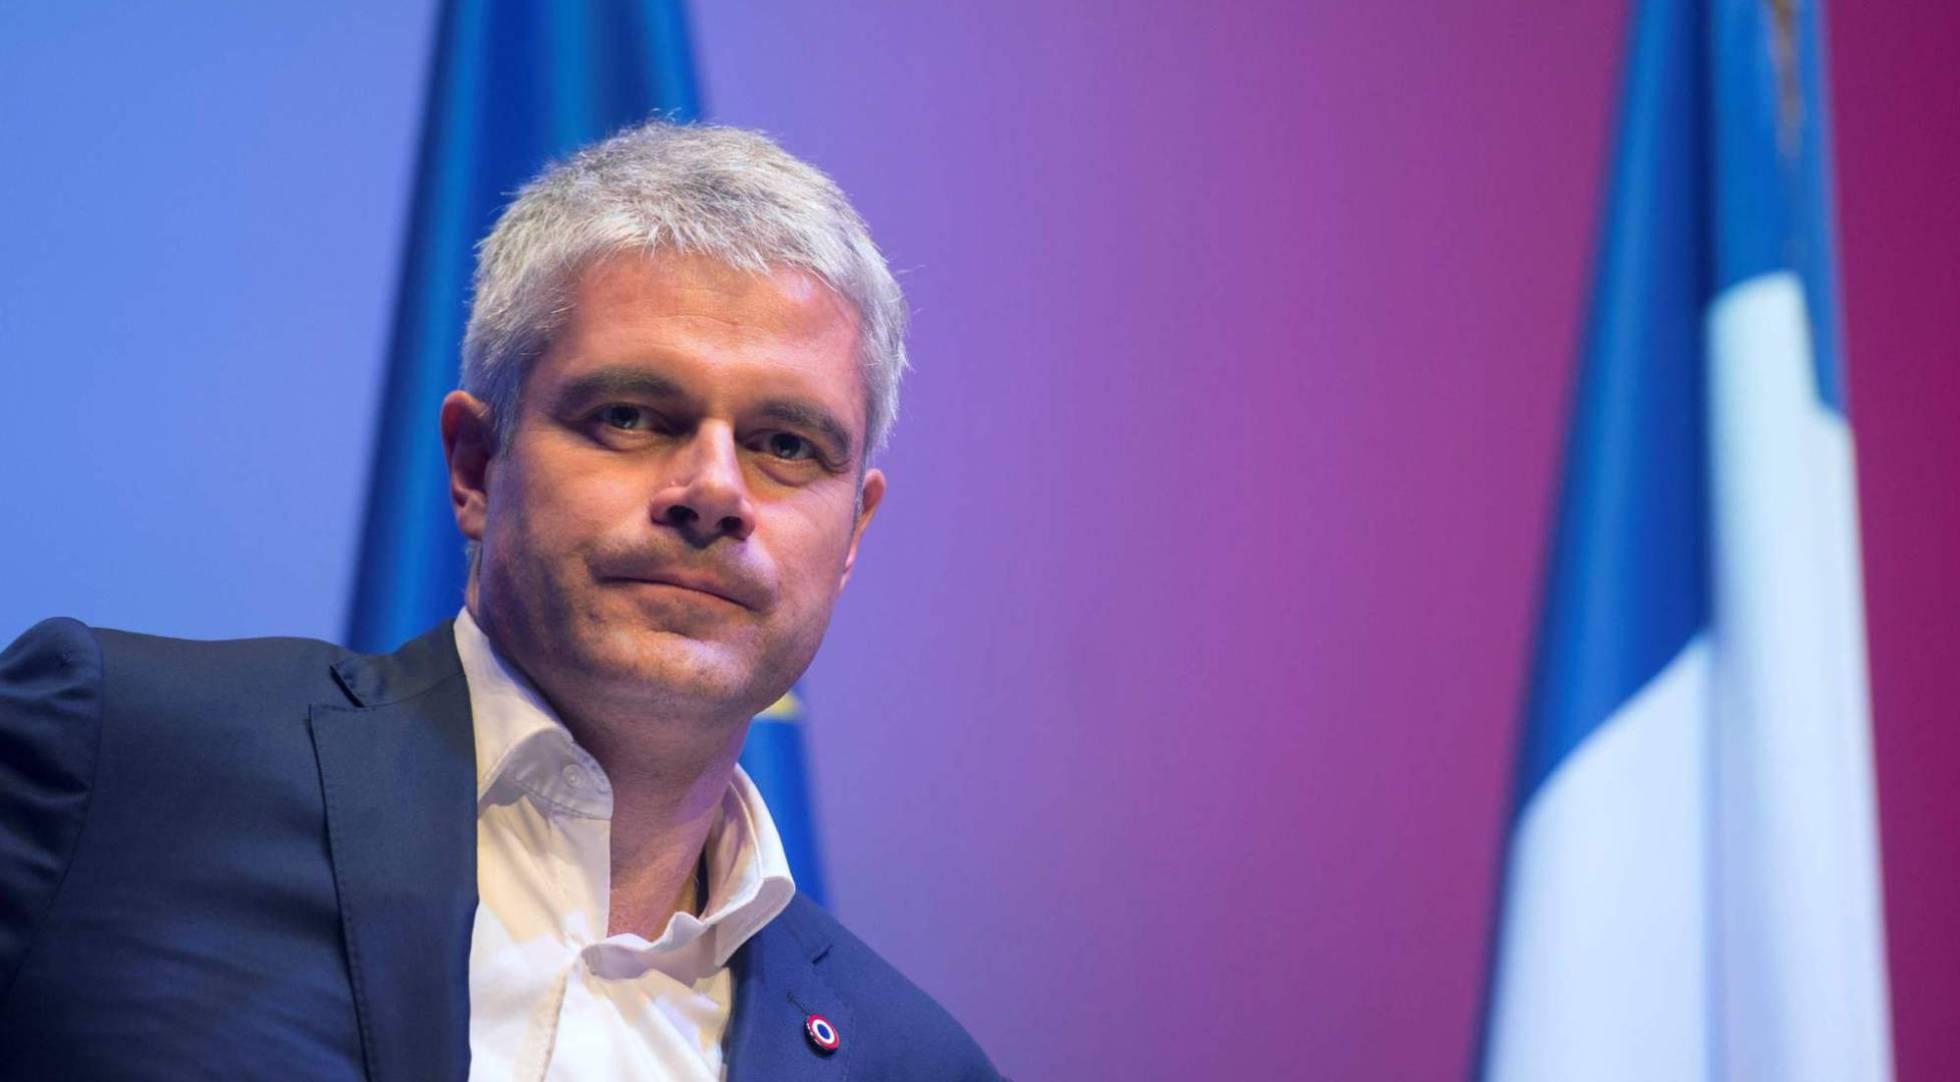 El líder de la derecha en Francia quiere imponer la castración química obligatoria a violadores